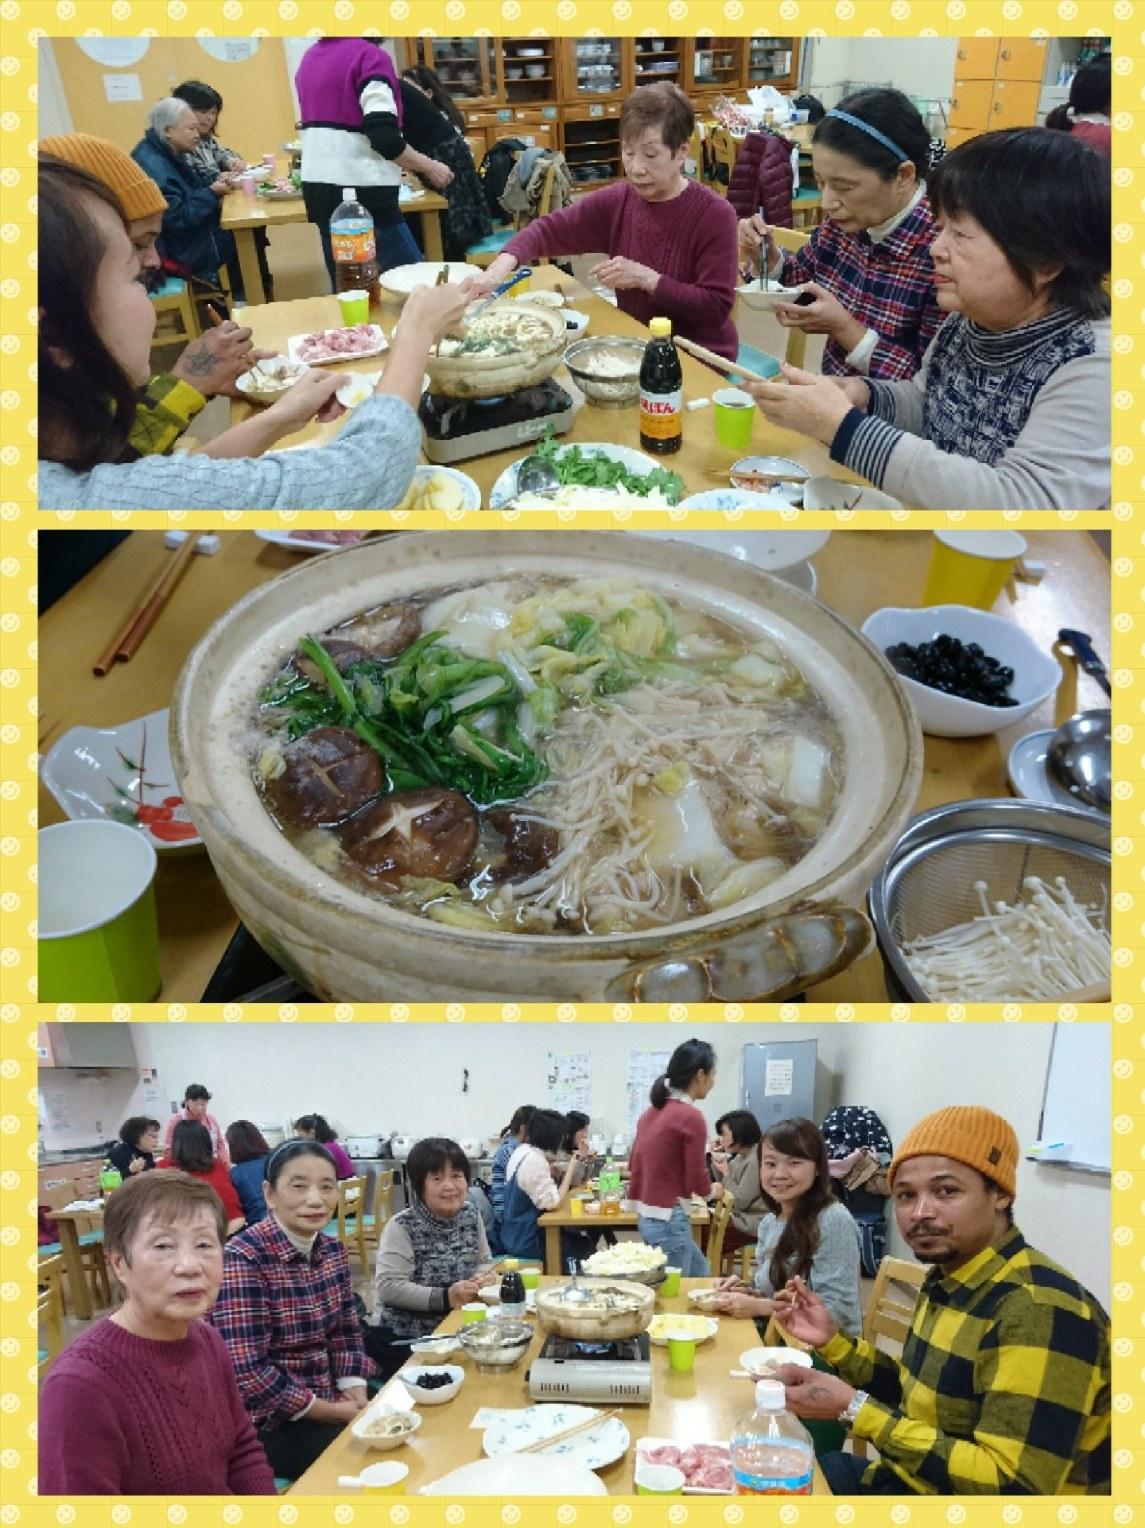 インターナショナルキッチン 「冬はやっぱり鍋でしょう!?」 火曜日朝教室 _e0175020_00434713.jpg